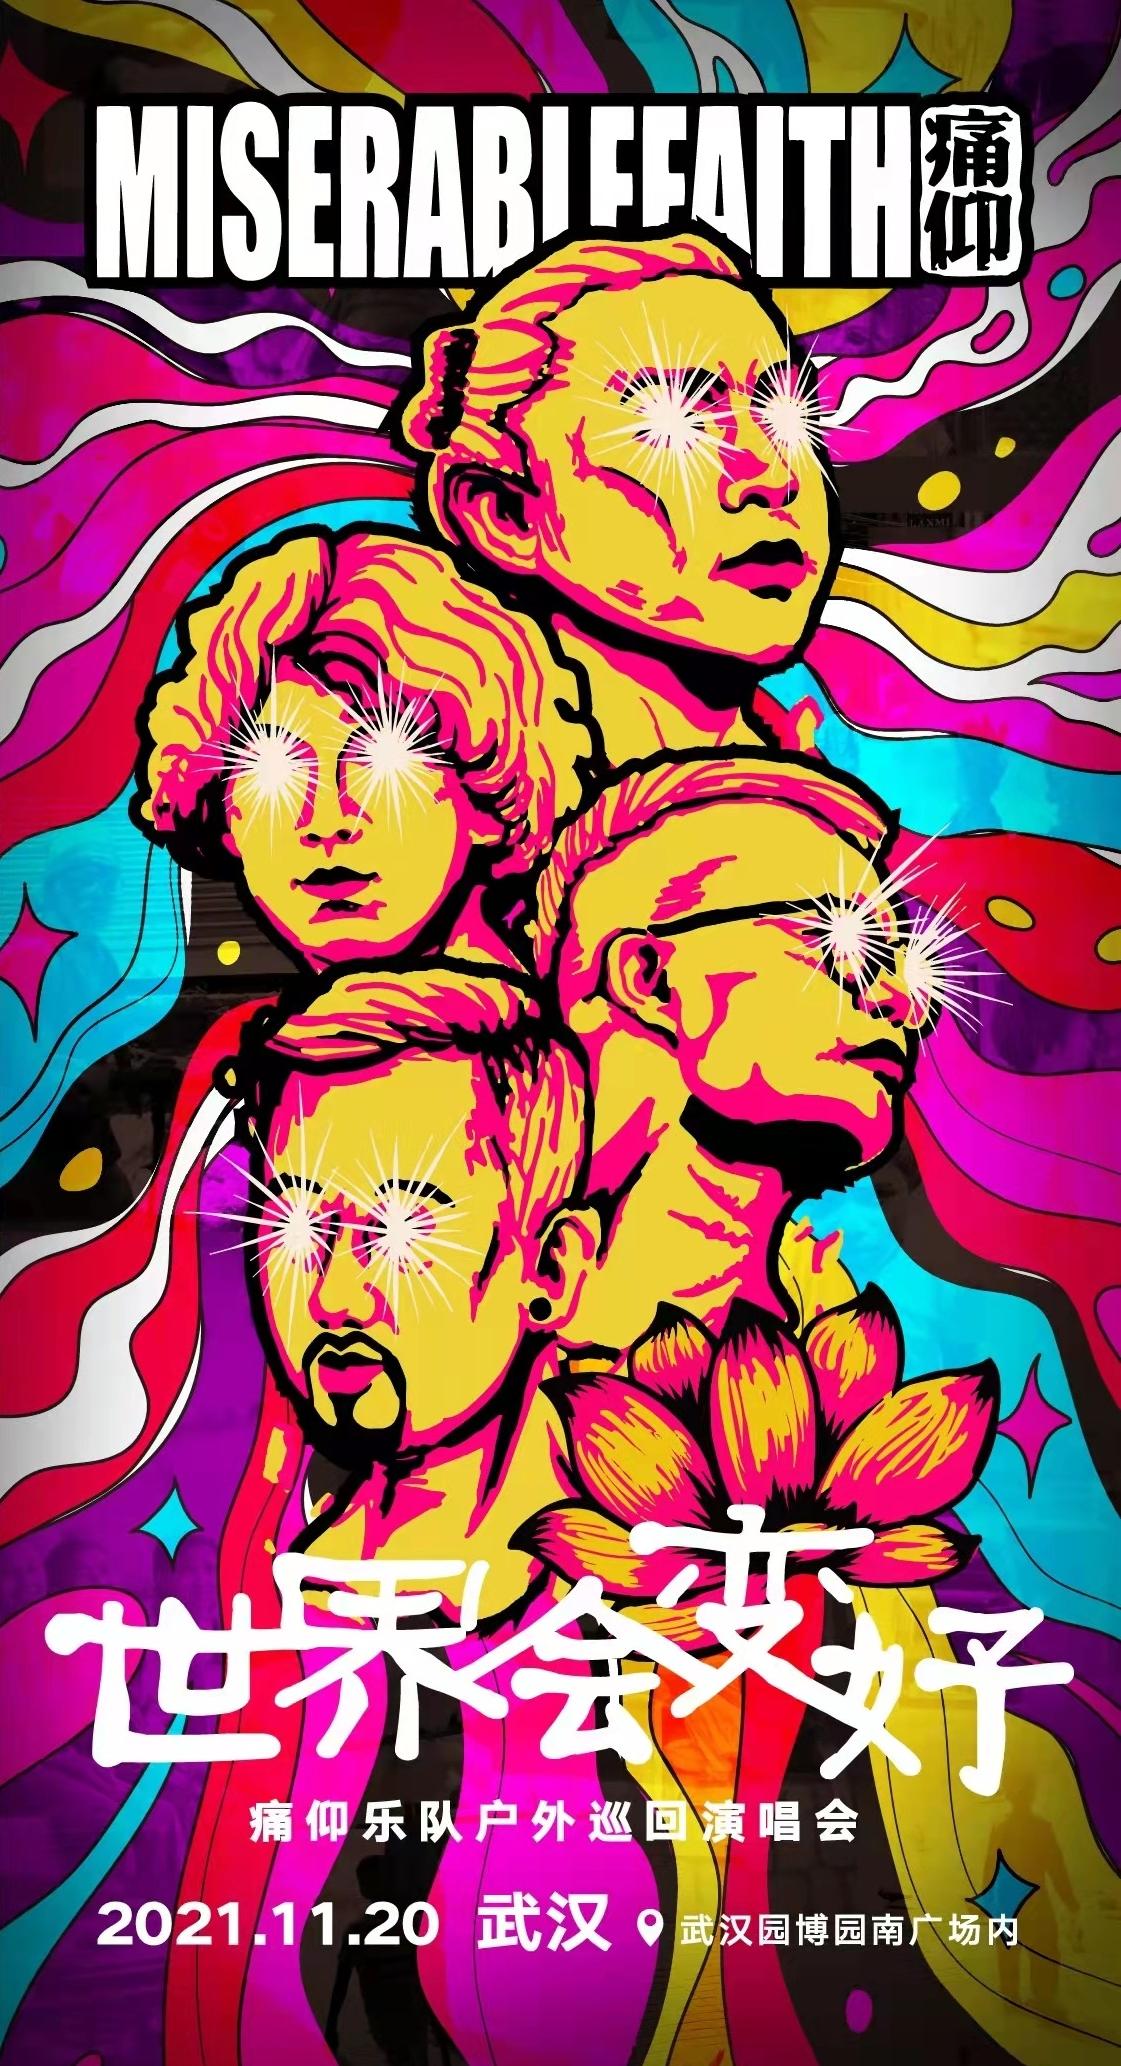 2021痛仰乐队「世界会变好」户外巡回演唱会-武汉站